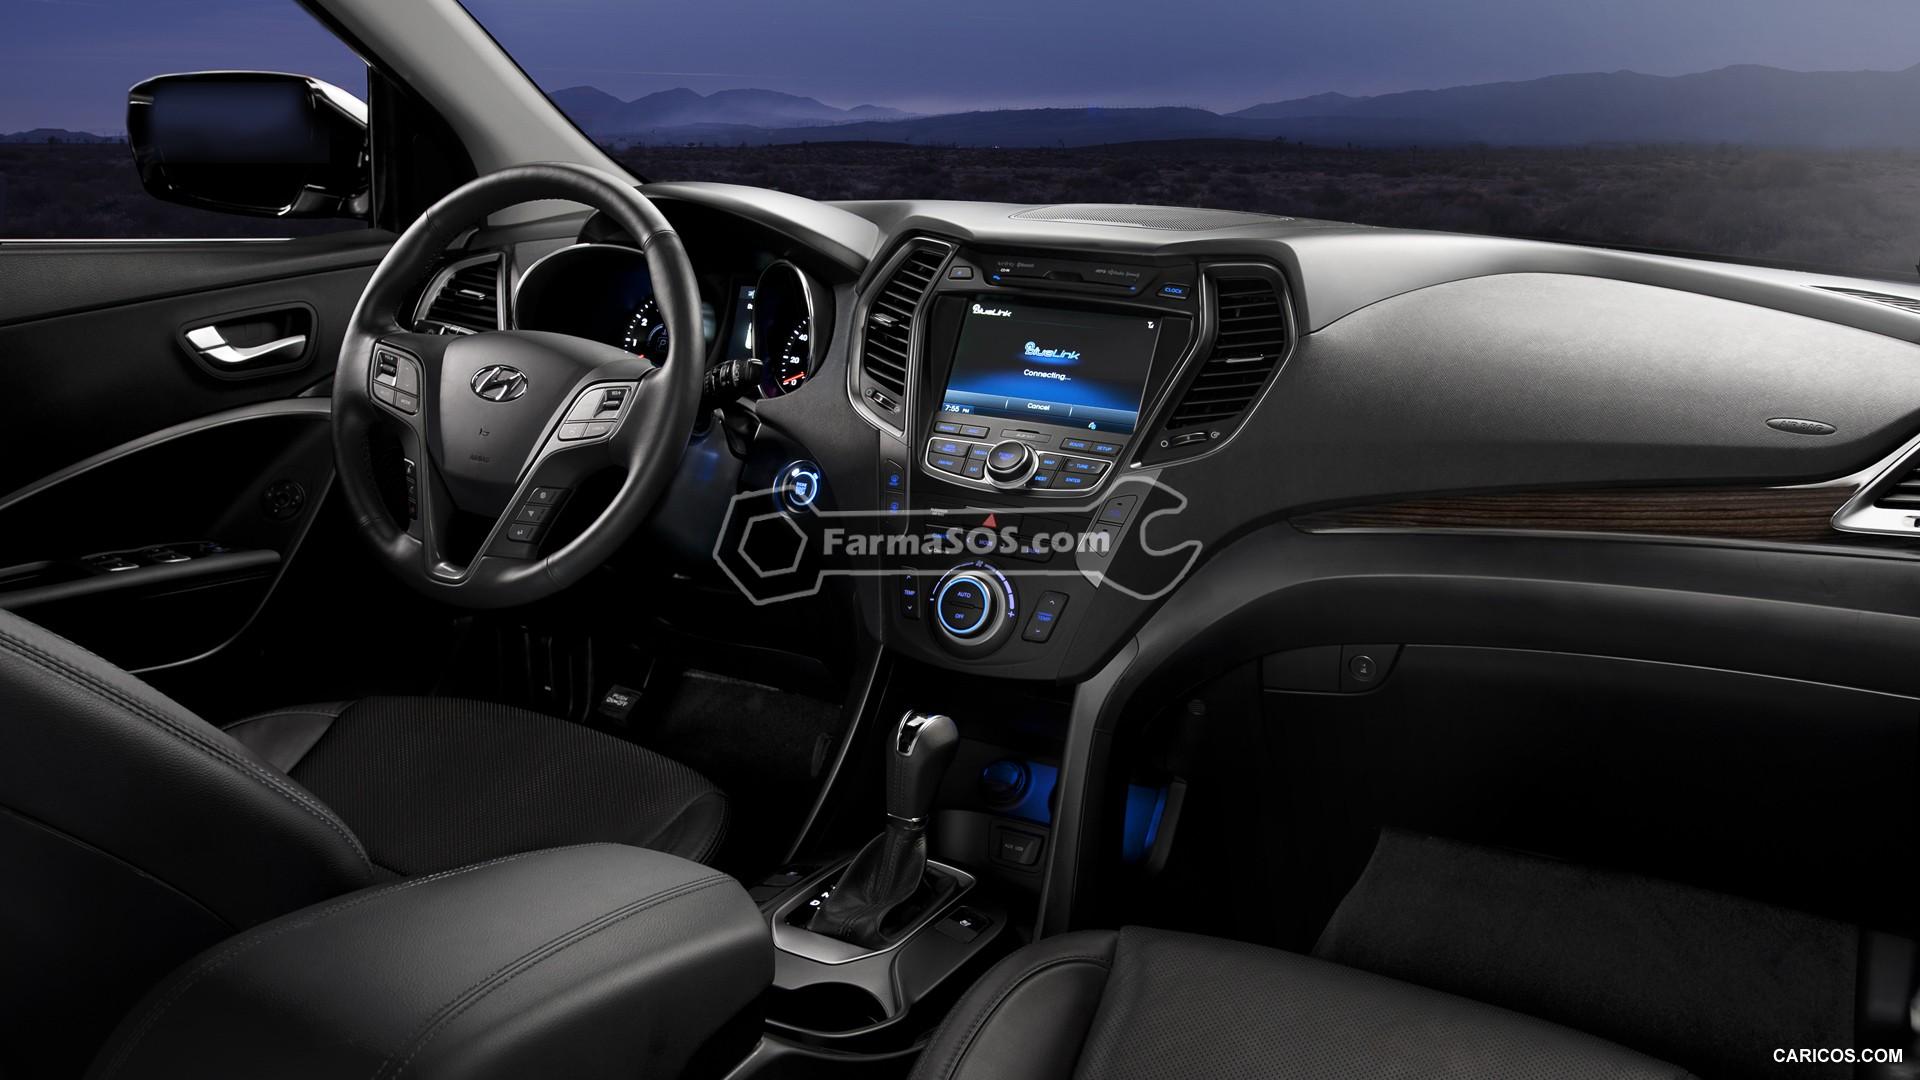 Hyundai Santafe 2013 2017 4 تصاویر هیوندای سانتافه مدل 2013 تا 2017